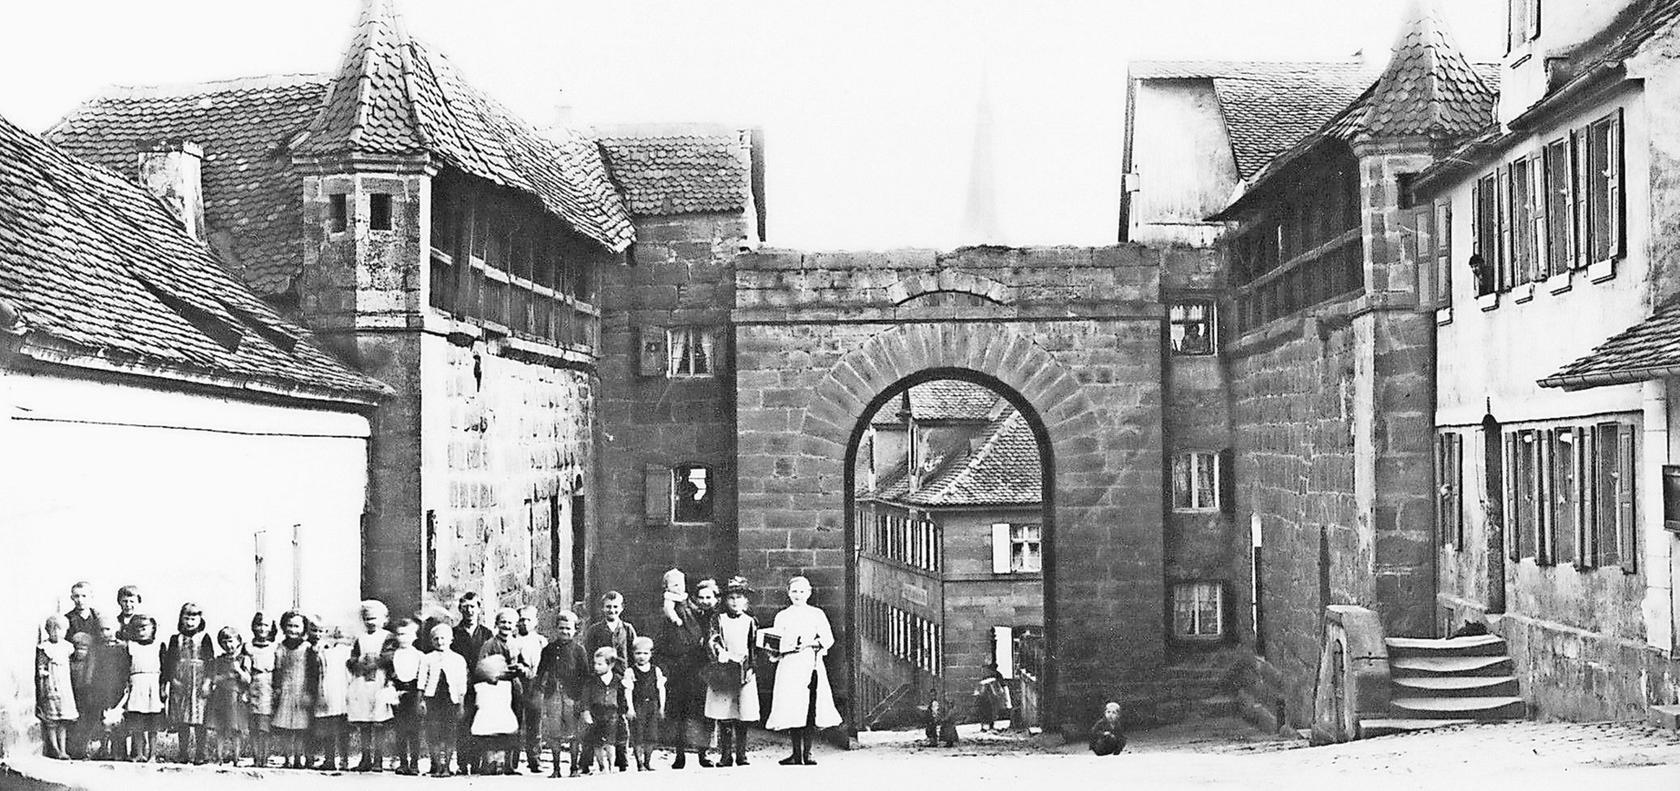 """Das Nürnberger Tor stand am längsten der vier Stadttore. Es wurde im Jahr 1893 abgebrochen. Eine Nachbildung mit Hakenkreuz-Propaganda wurde 1933 während der """"Deutschen Handwerkerwoche"""" aufgestellt."""